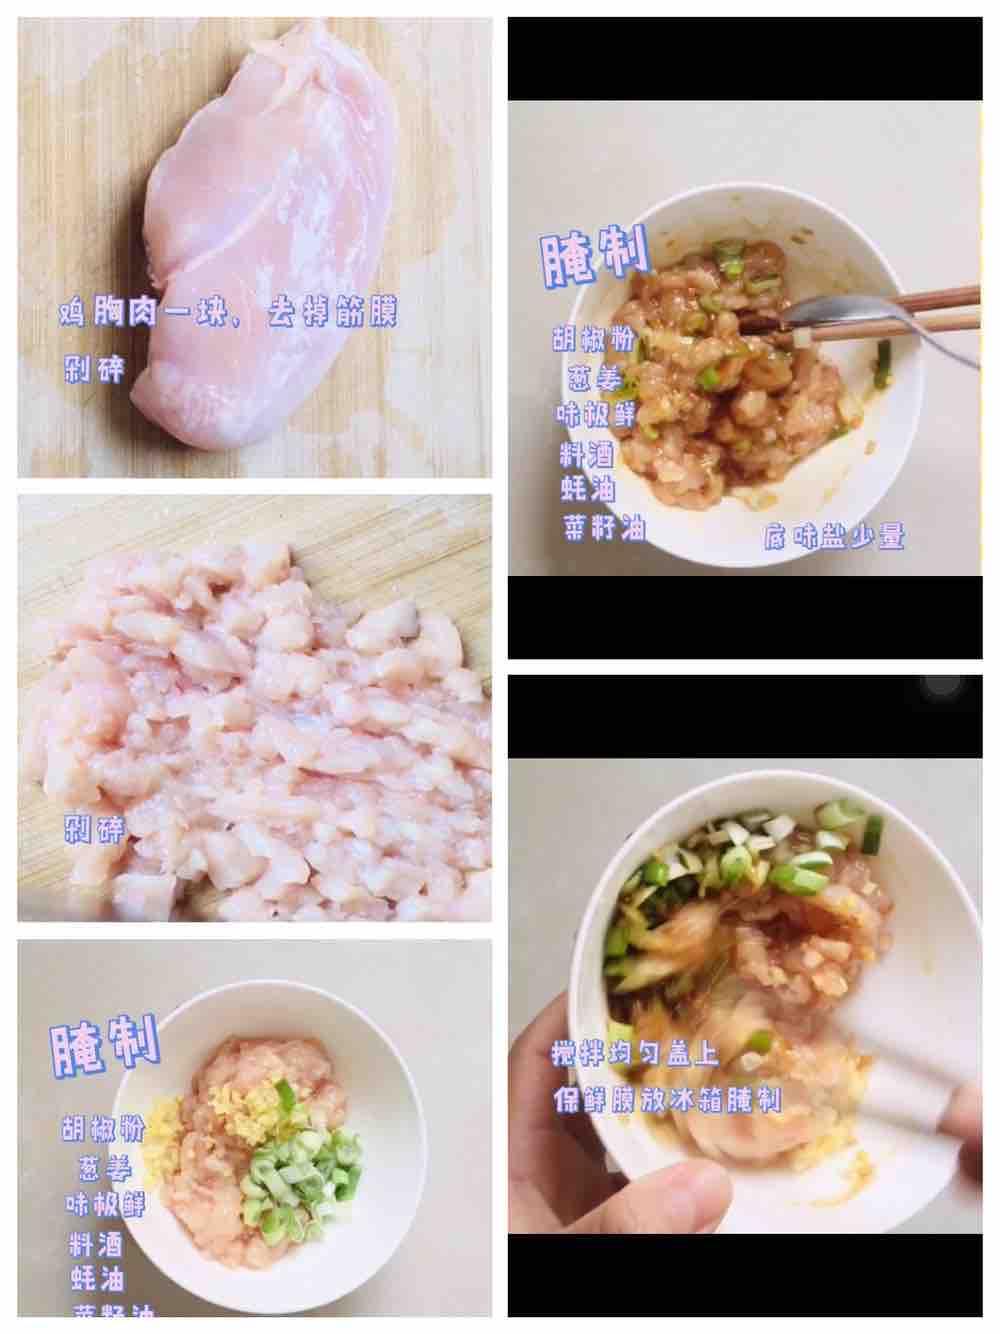 咸鲜适口!营养丰富!皮蛋瘦肉粥的做法大全